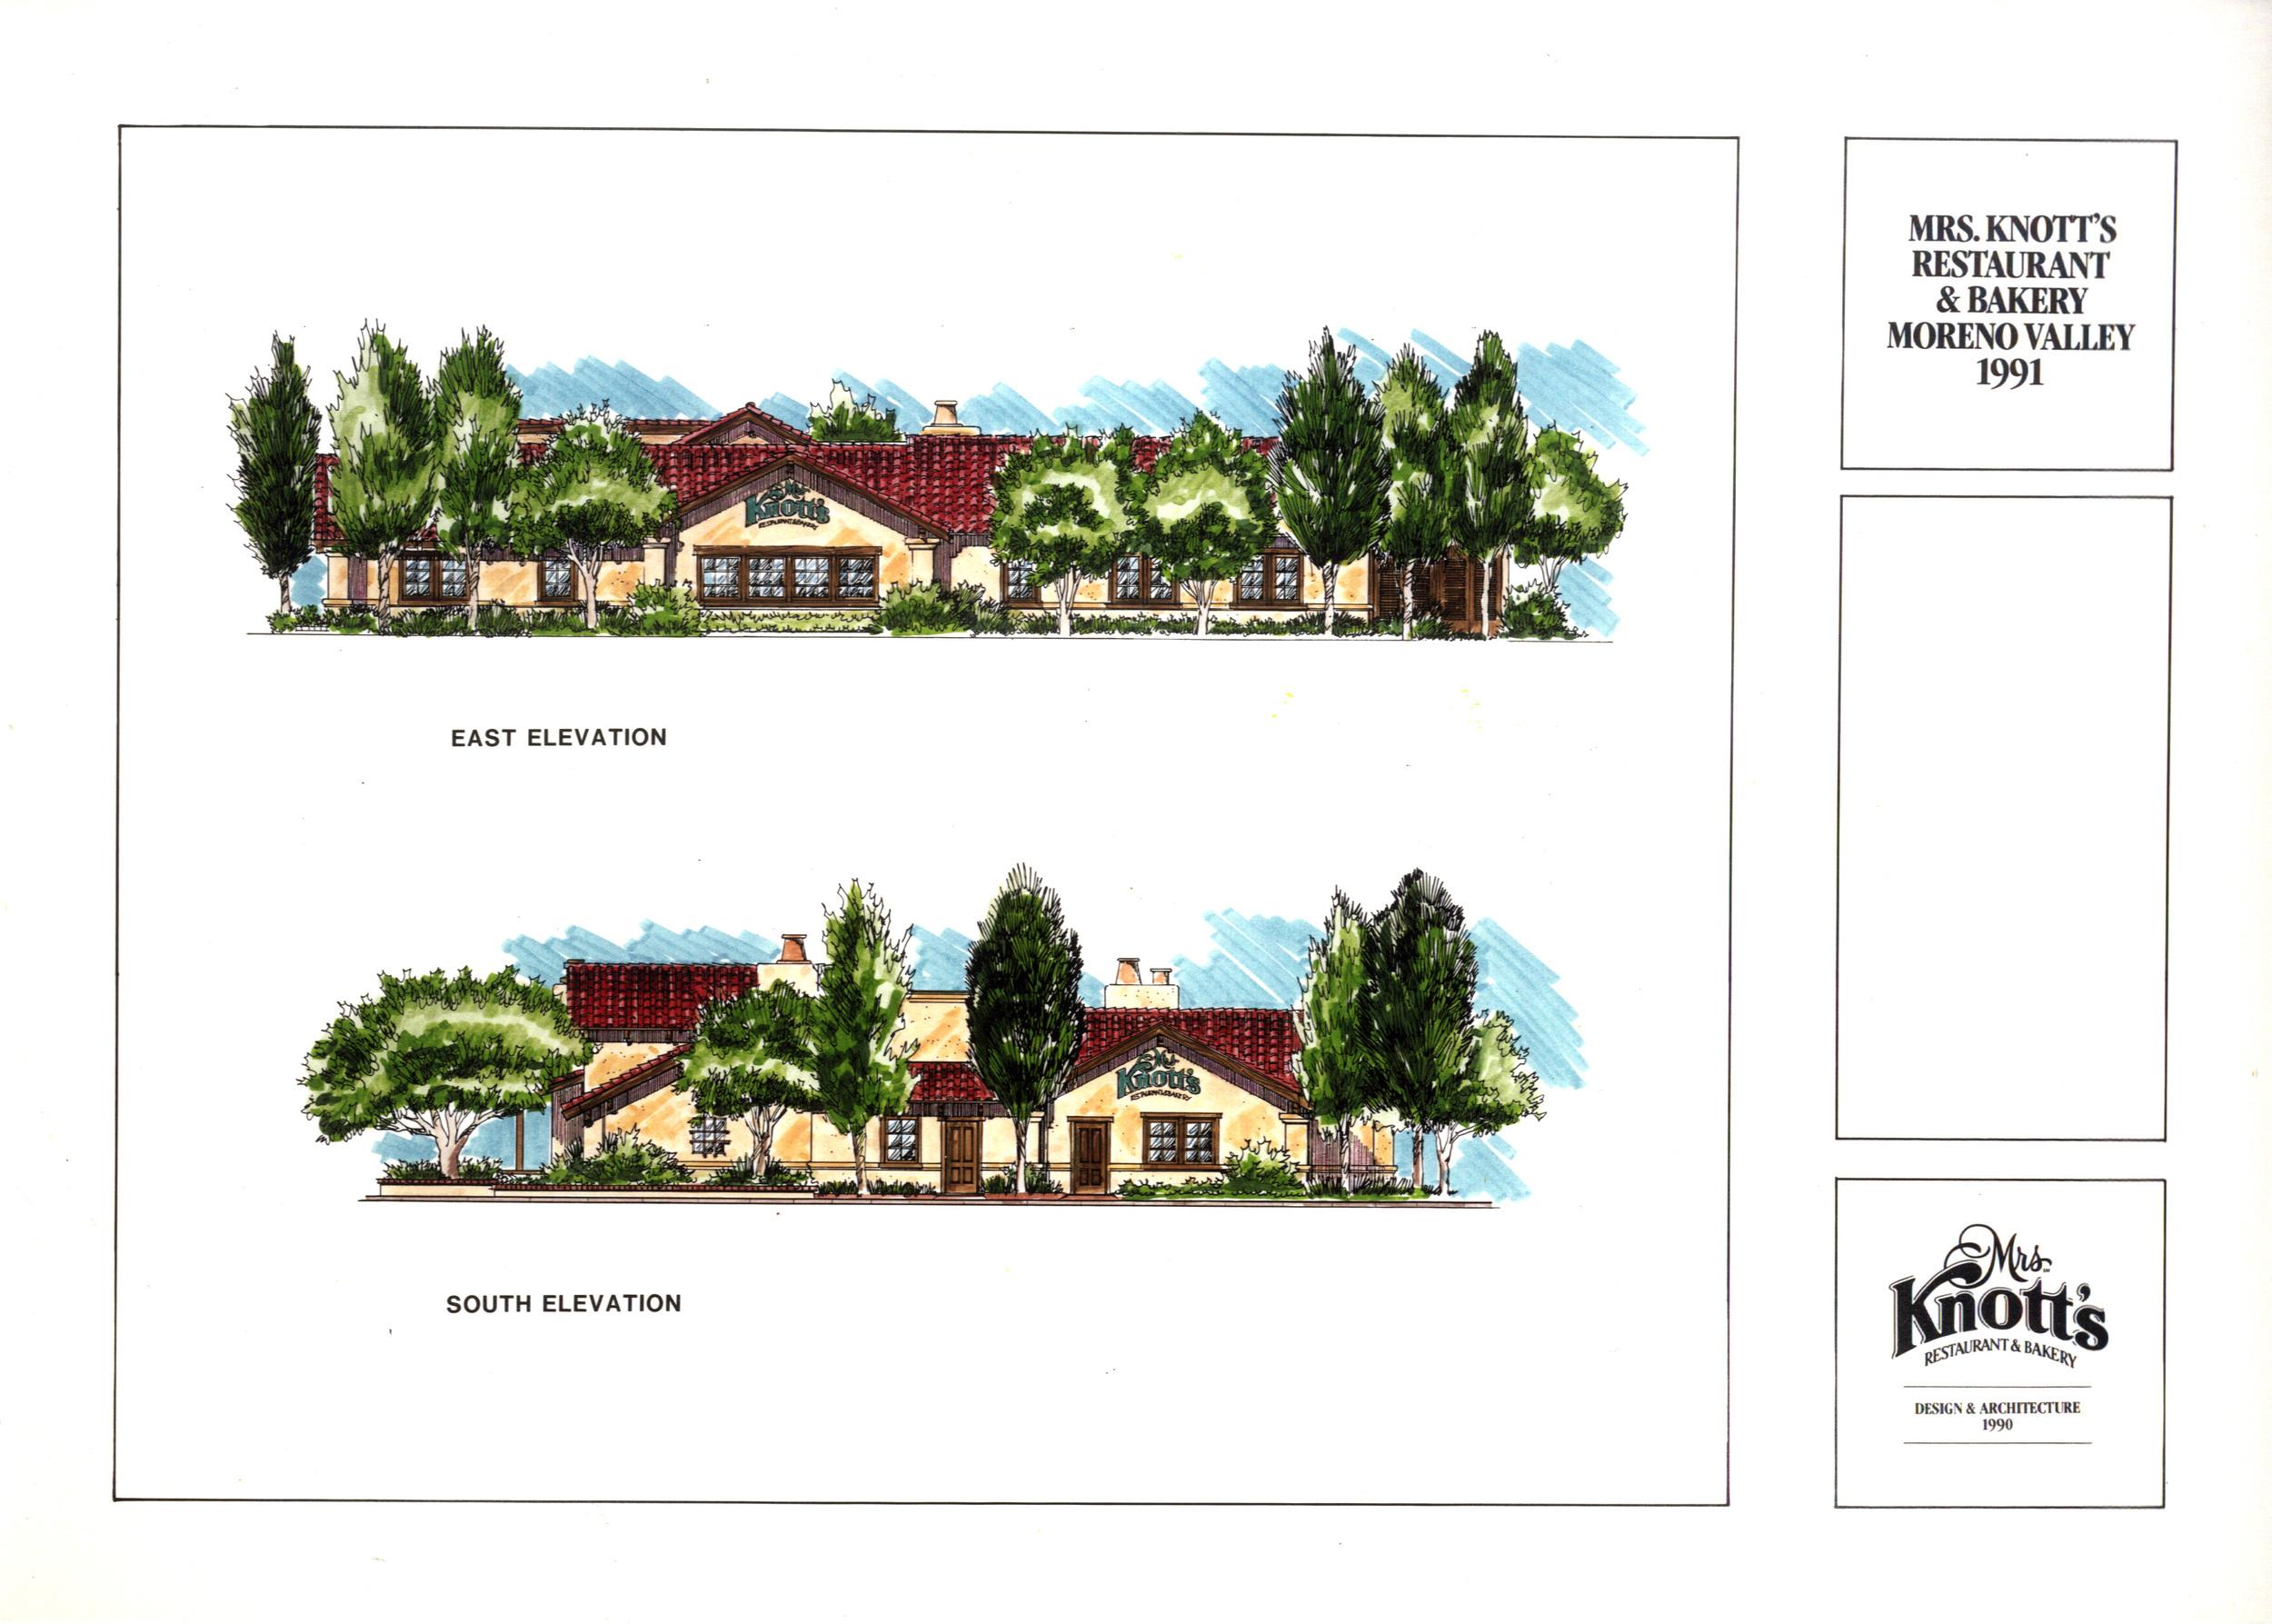 Mrs Knott's exterior elevations 01 3343499324[K].jpg